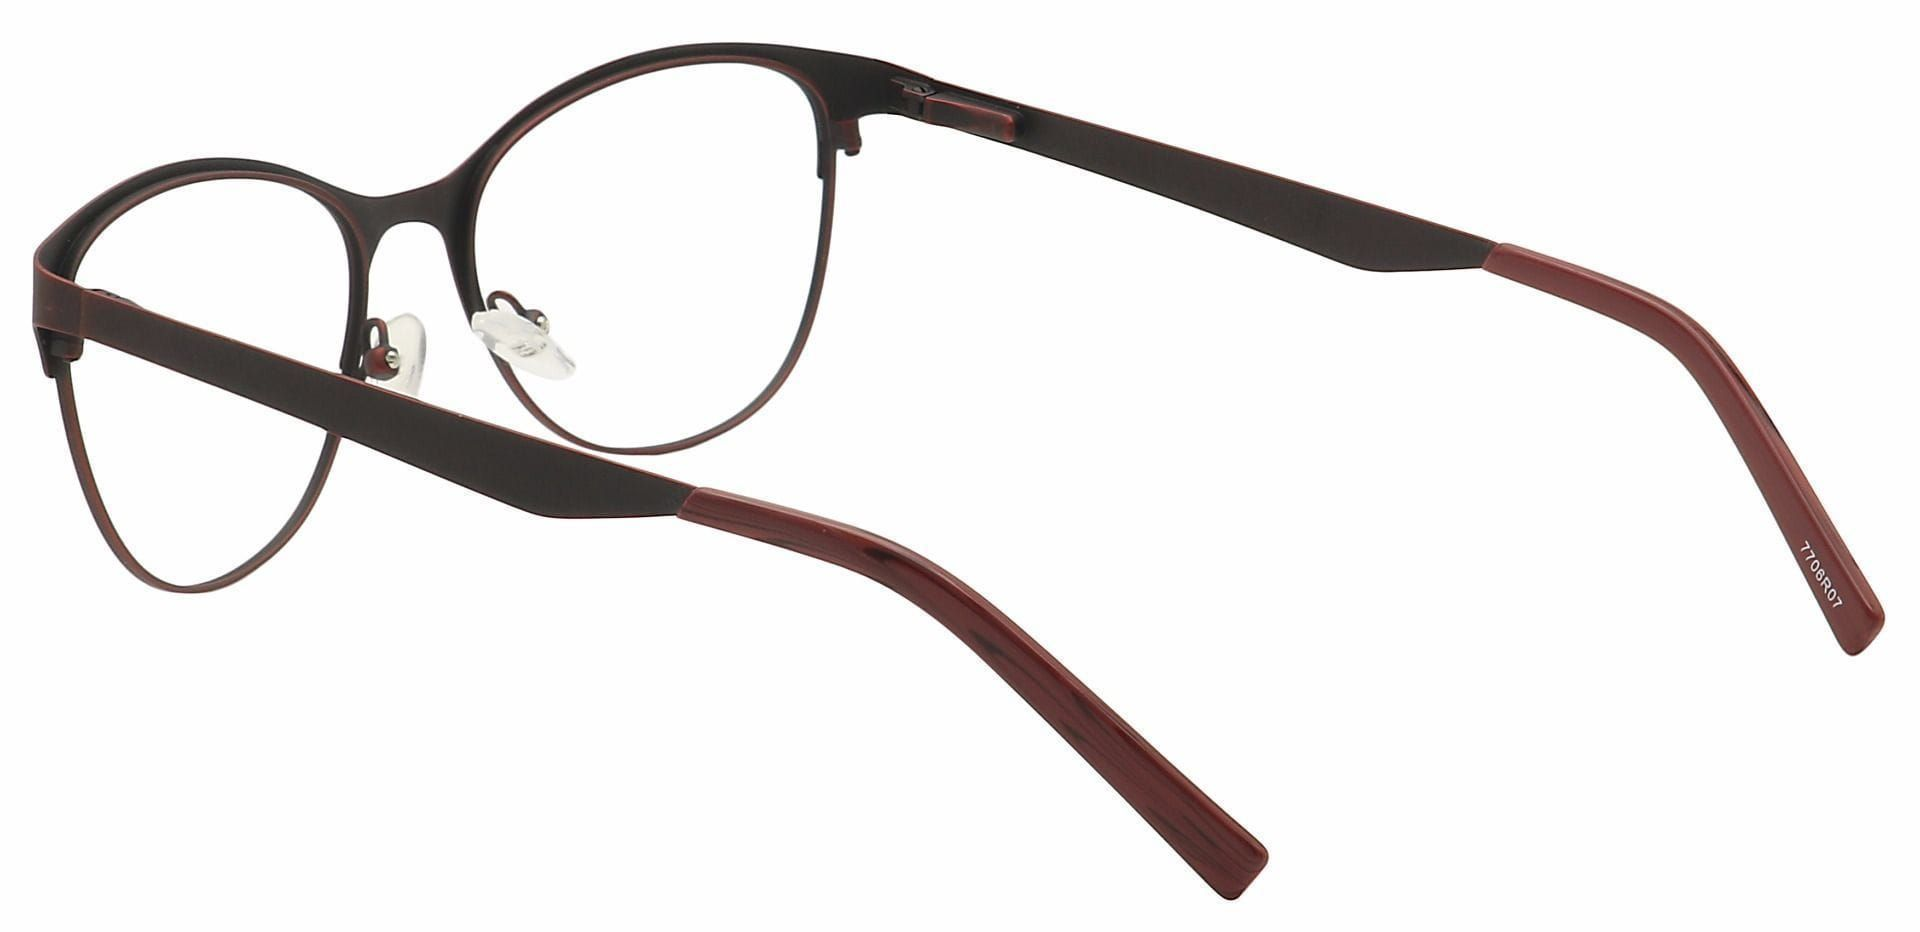 Feli Cat-Eye Non-Rx Glasses - Red